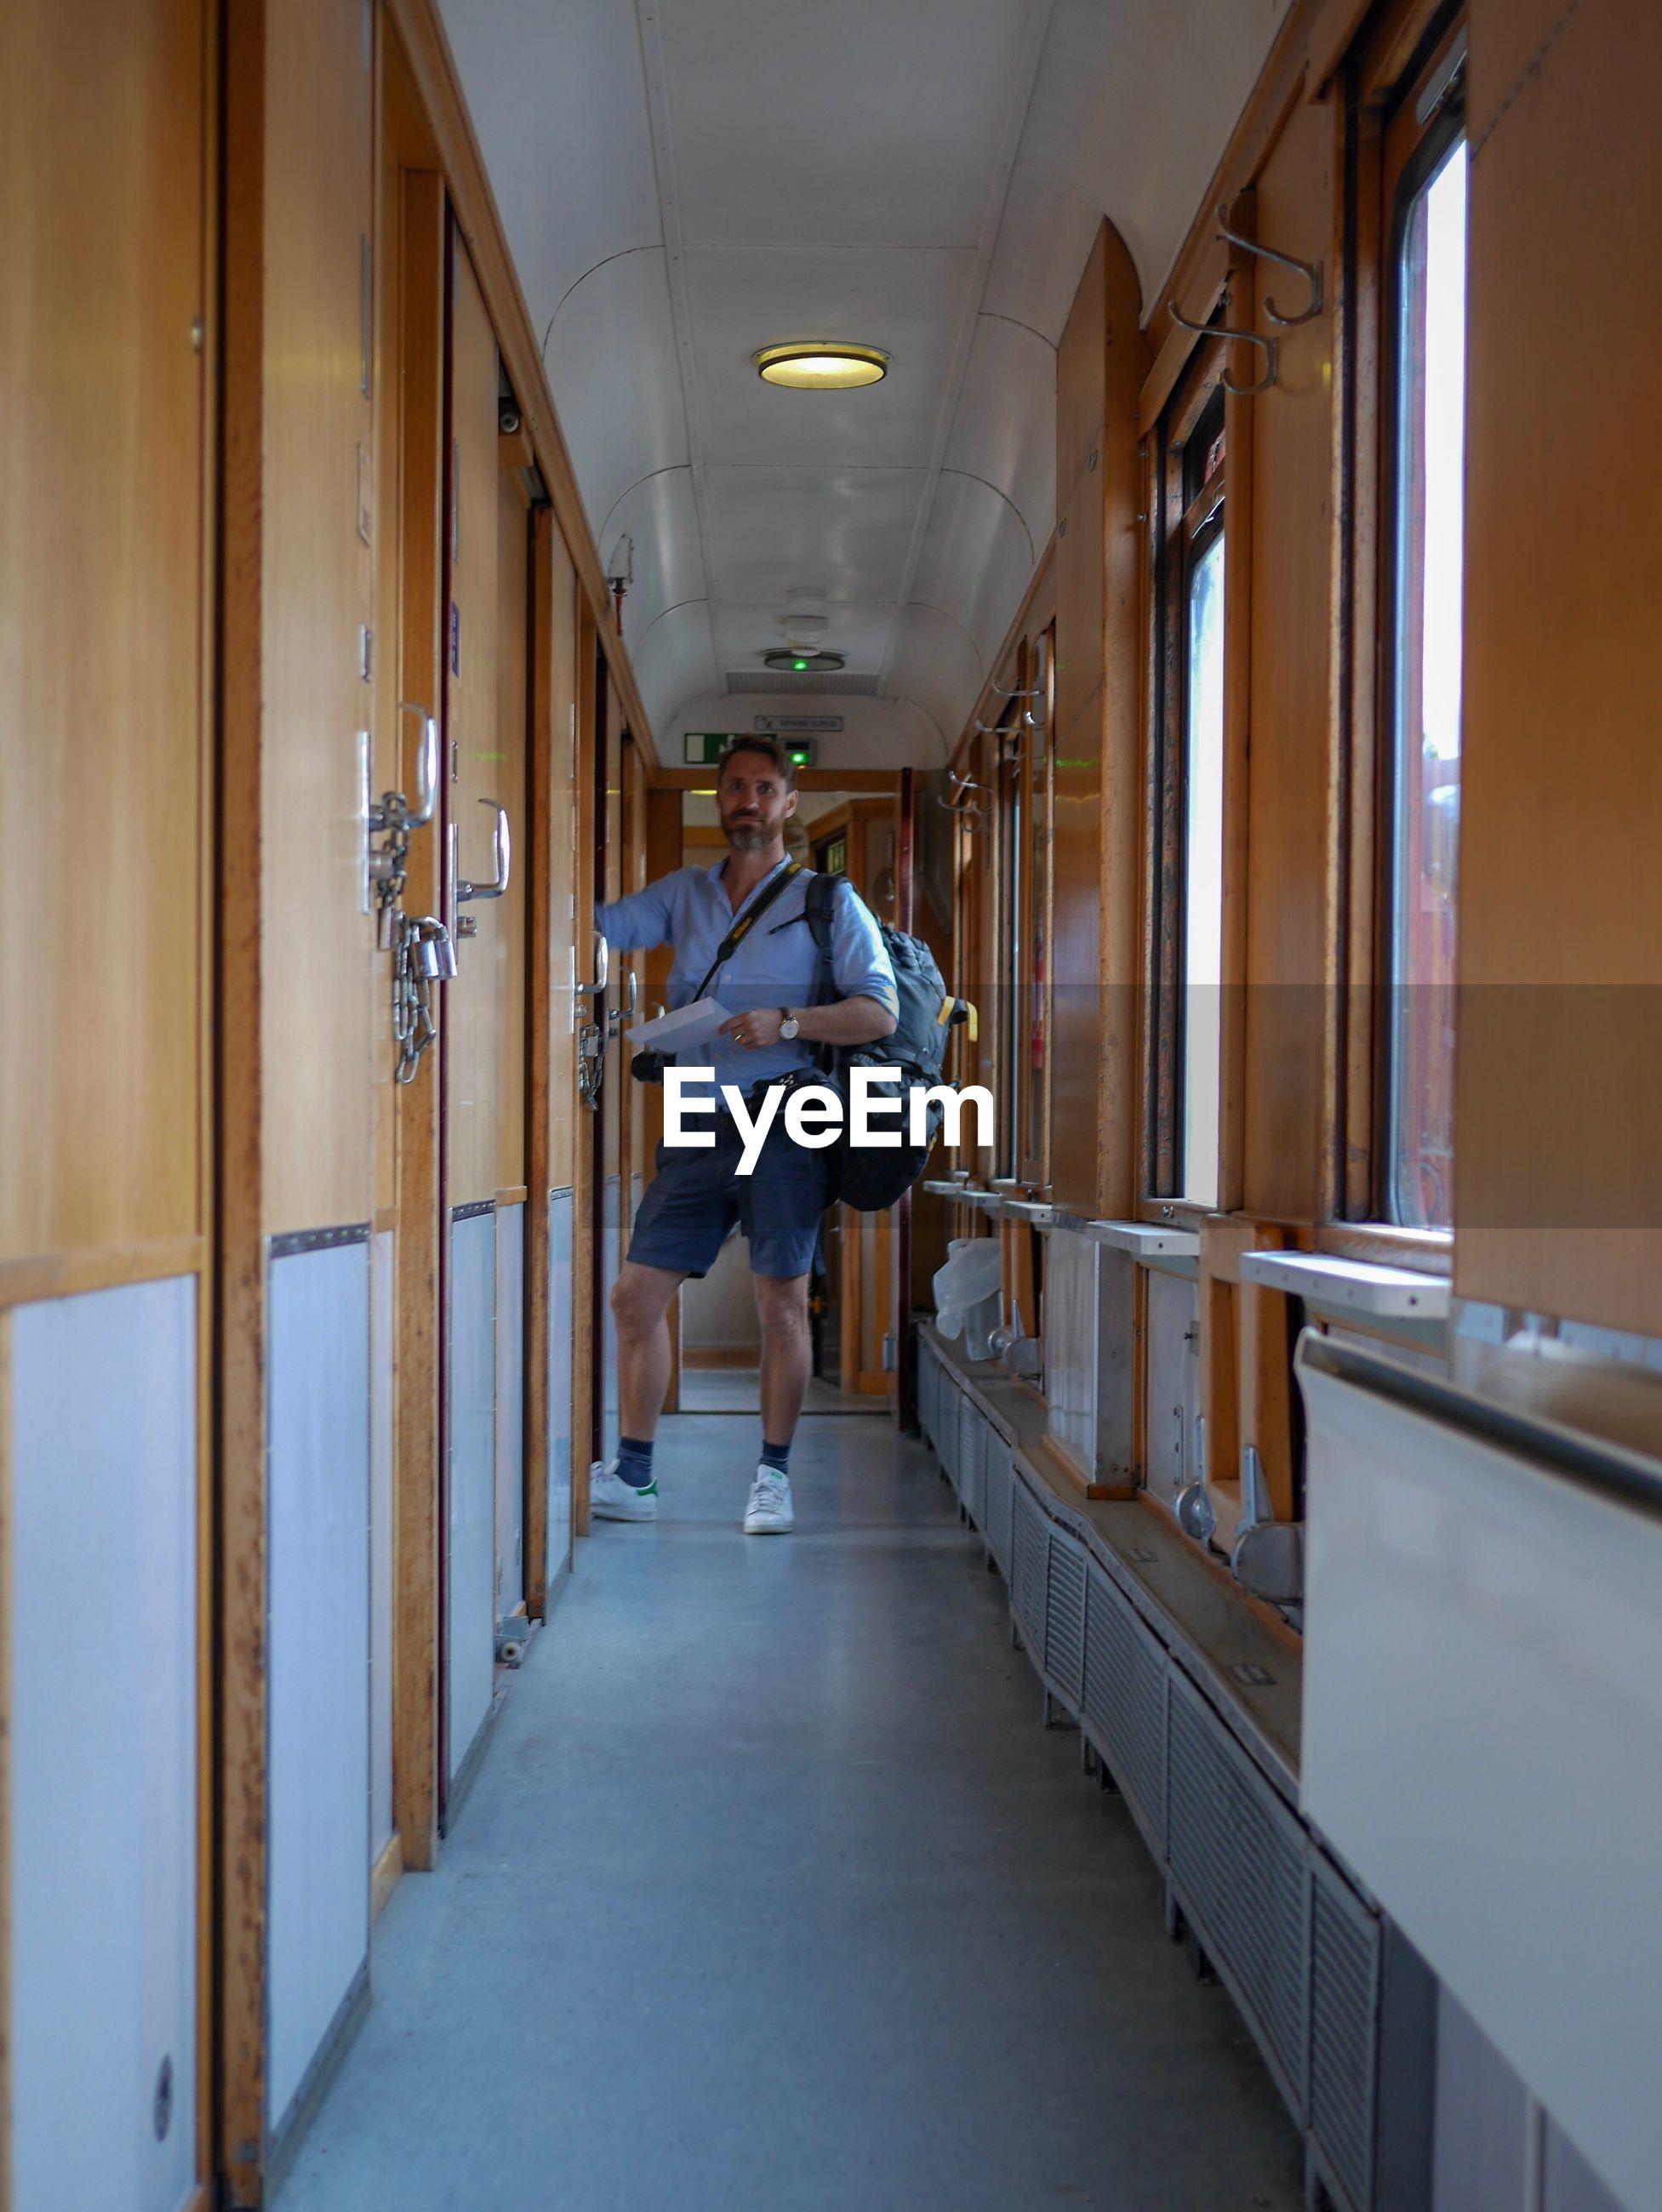 Portrait of man standing in corridor of building